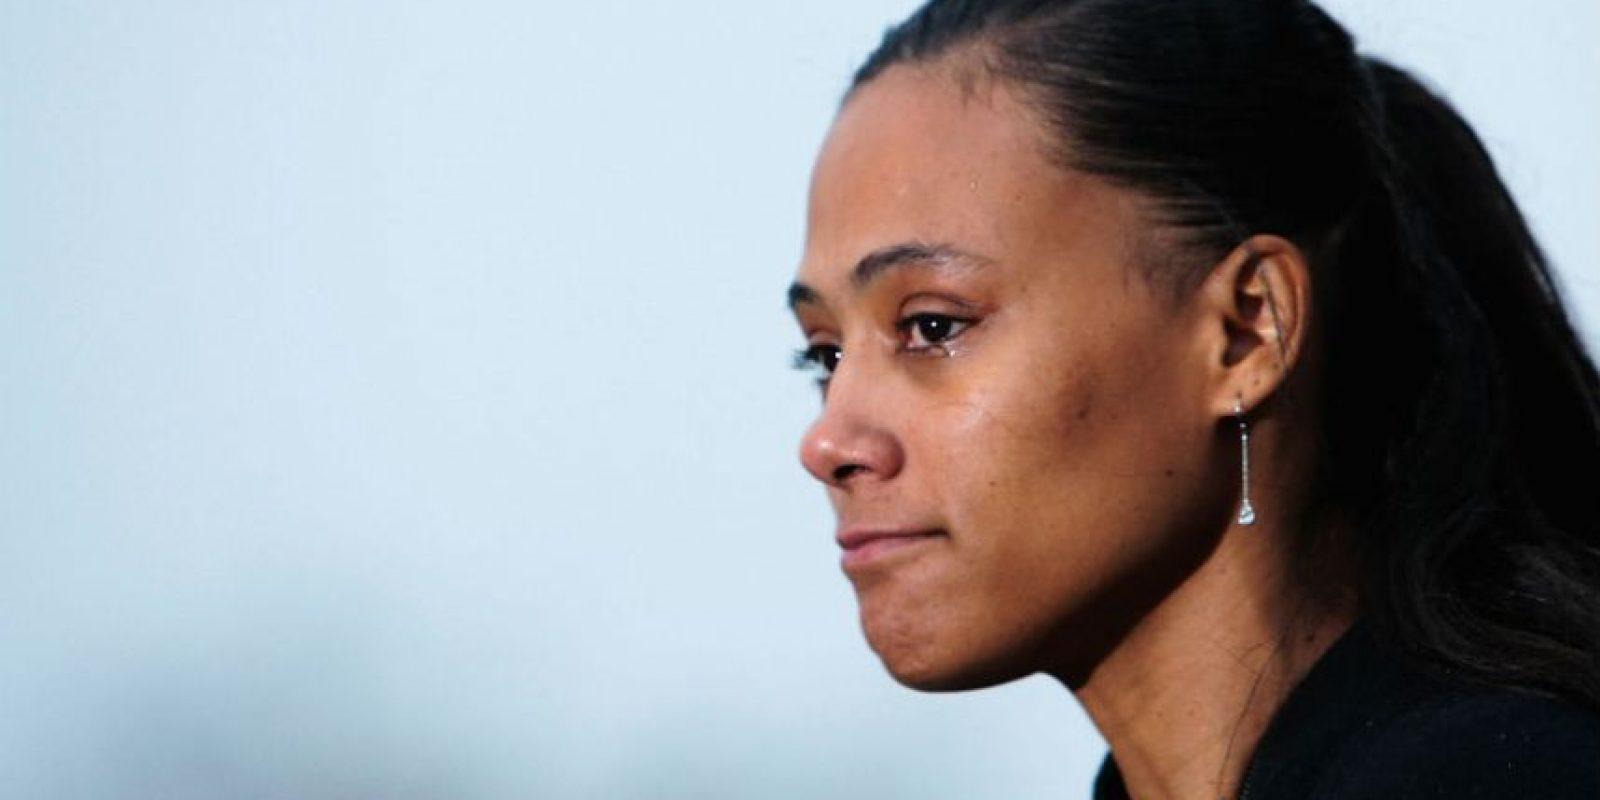 Marion Jons. La atleta fue despojada de sus tres medallas de oro y dos de bronce que ganó en los Juegos Olímpicos de Sídney 2000, después de admitir que su dopaje durante la competencia. Foto:Getty Images